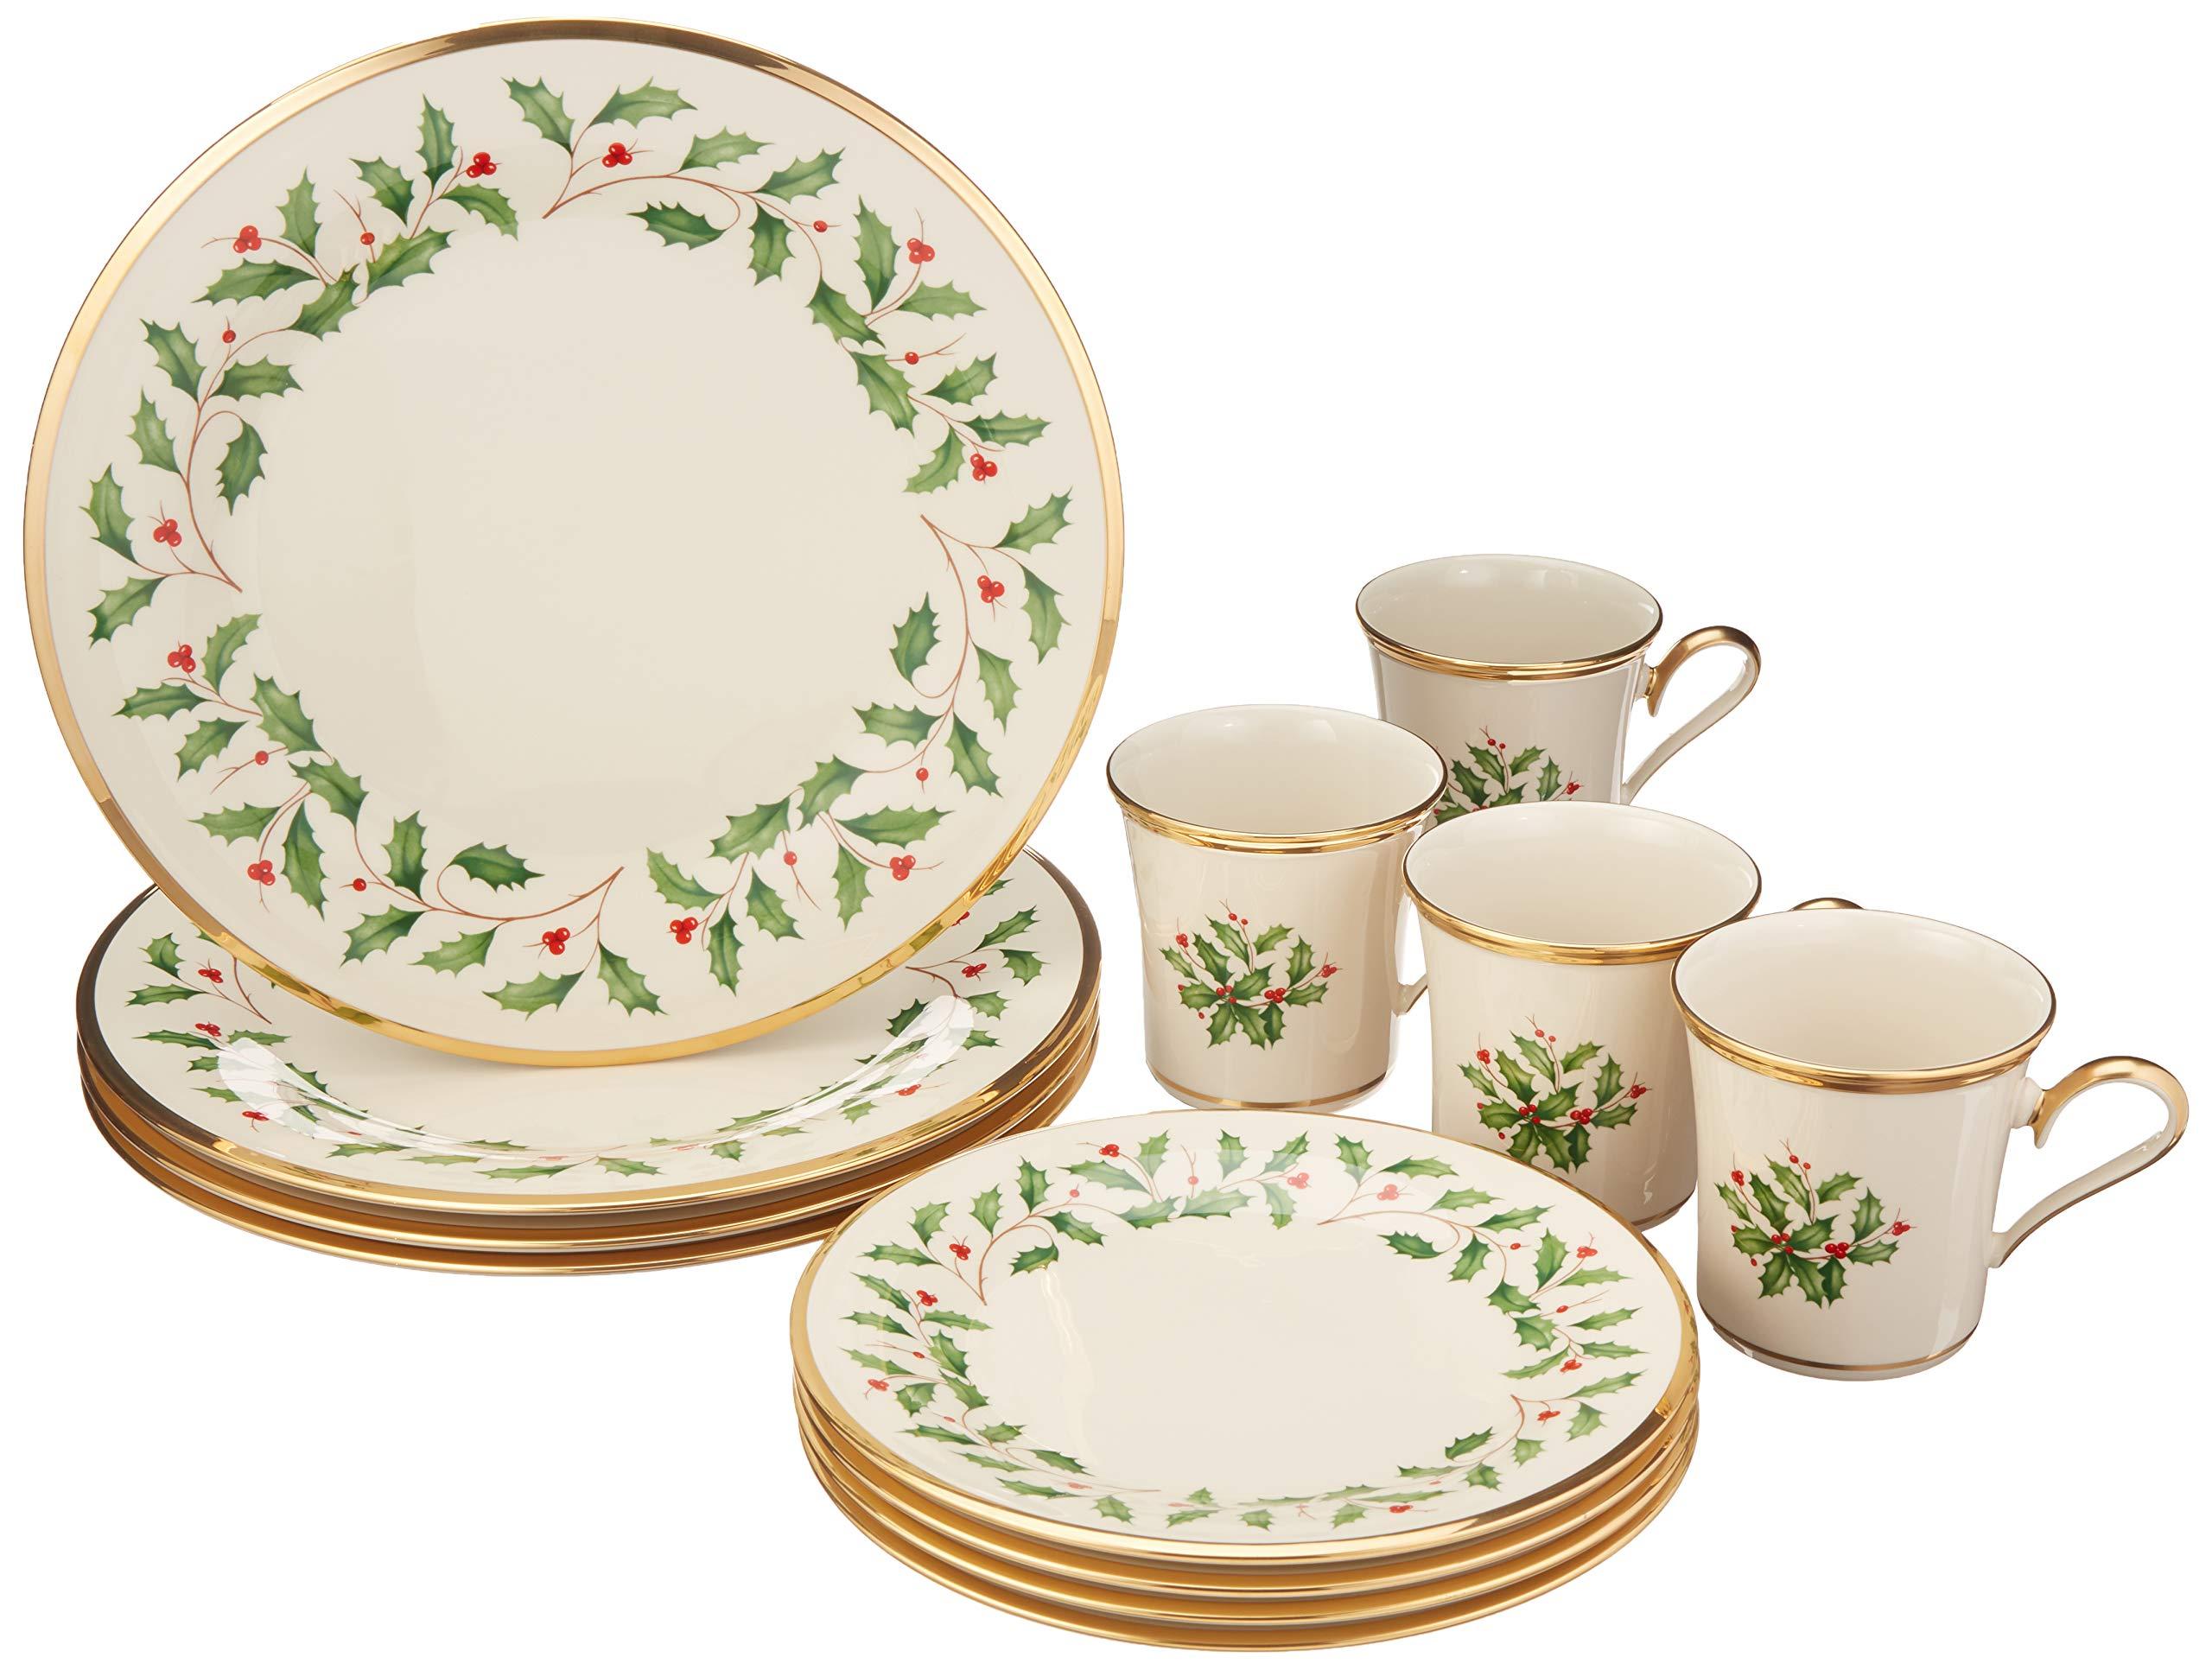 레녹스 홀리데이 컬렉션 그릇 및 세트 14종 Lenox Holiday 12-Piece Dinnerware Set